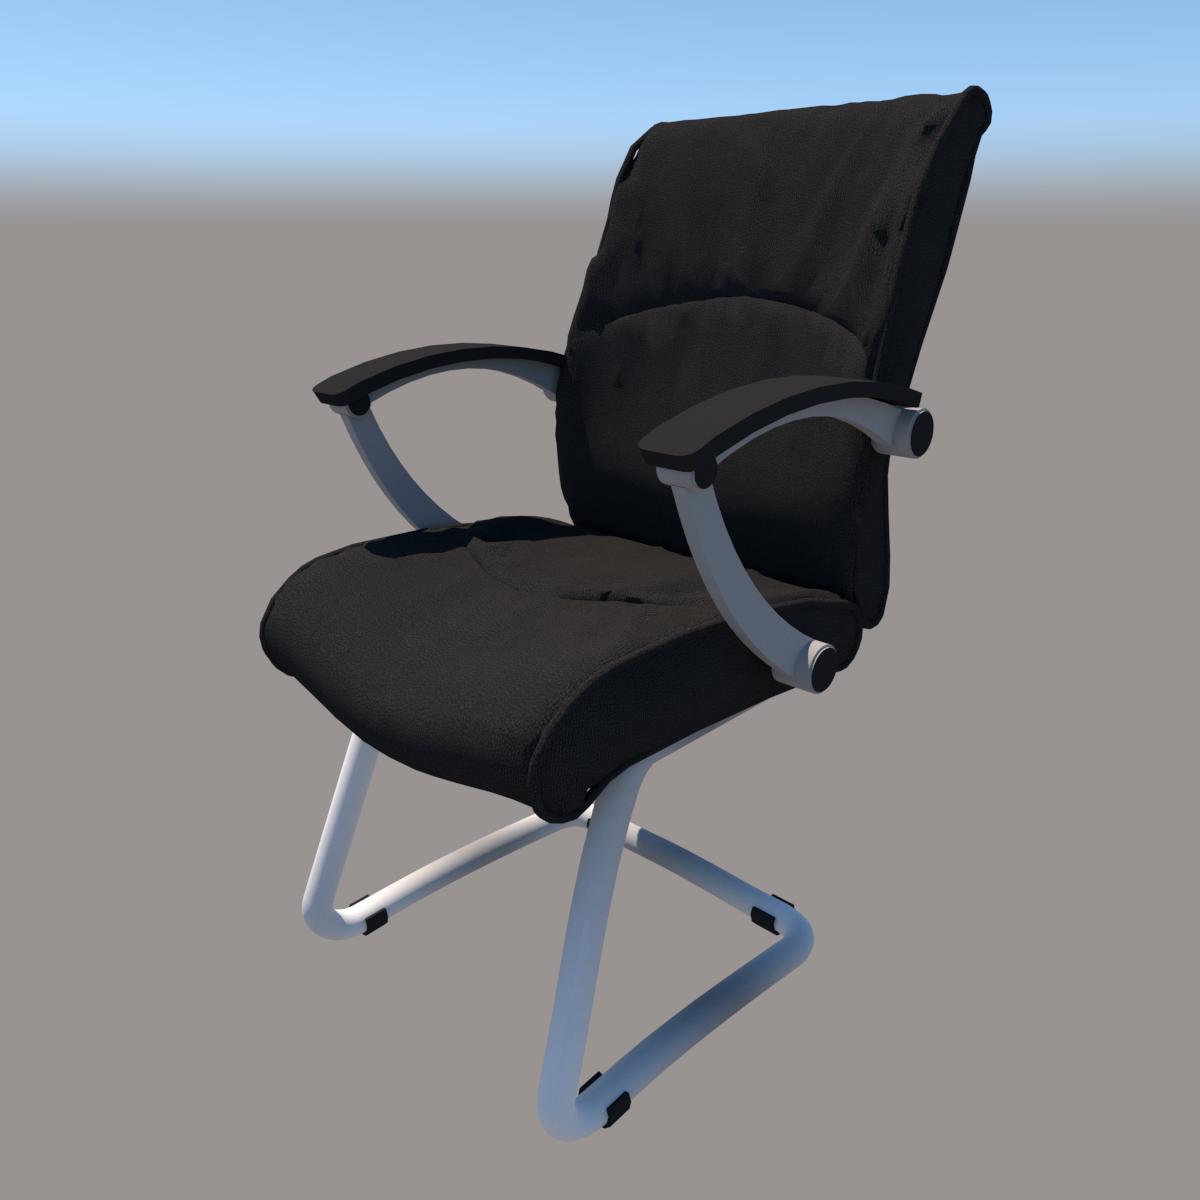 Cadeira fixa braco 1101b cr 7733481c ef9e 45b5 8ce5 6ee0950a1ee5